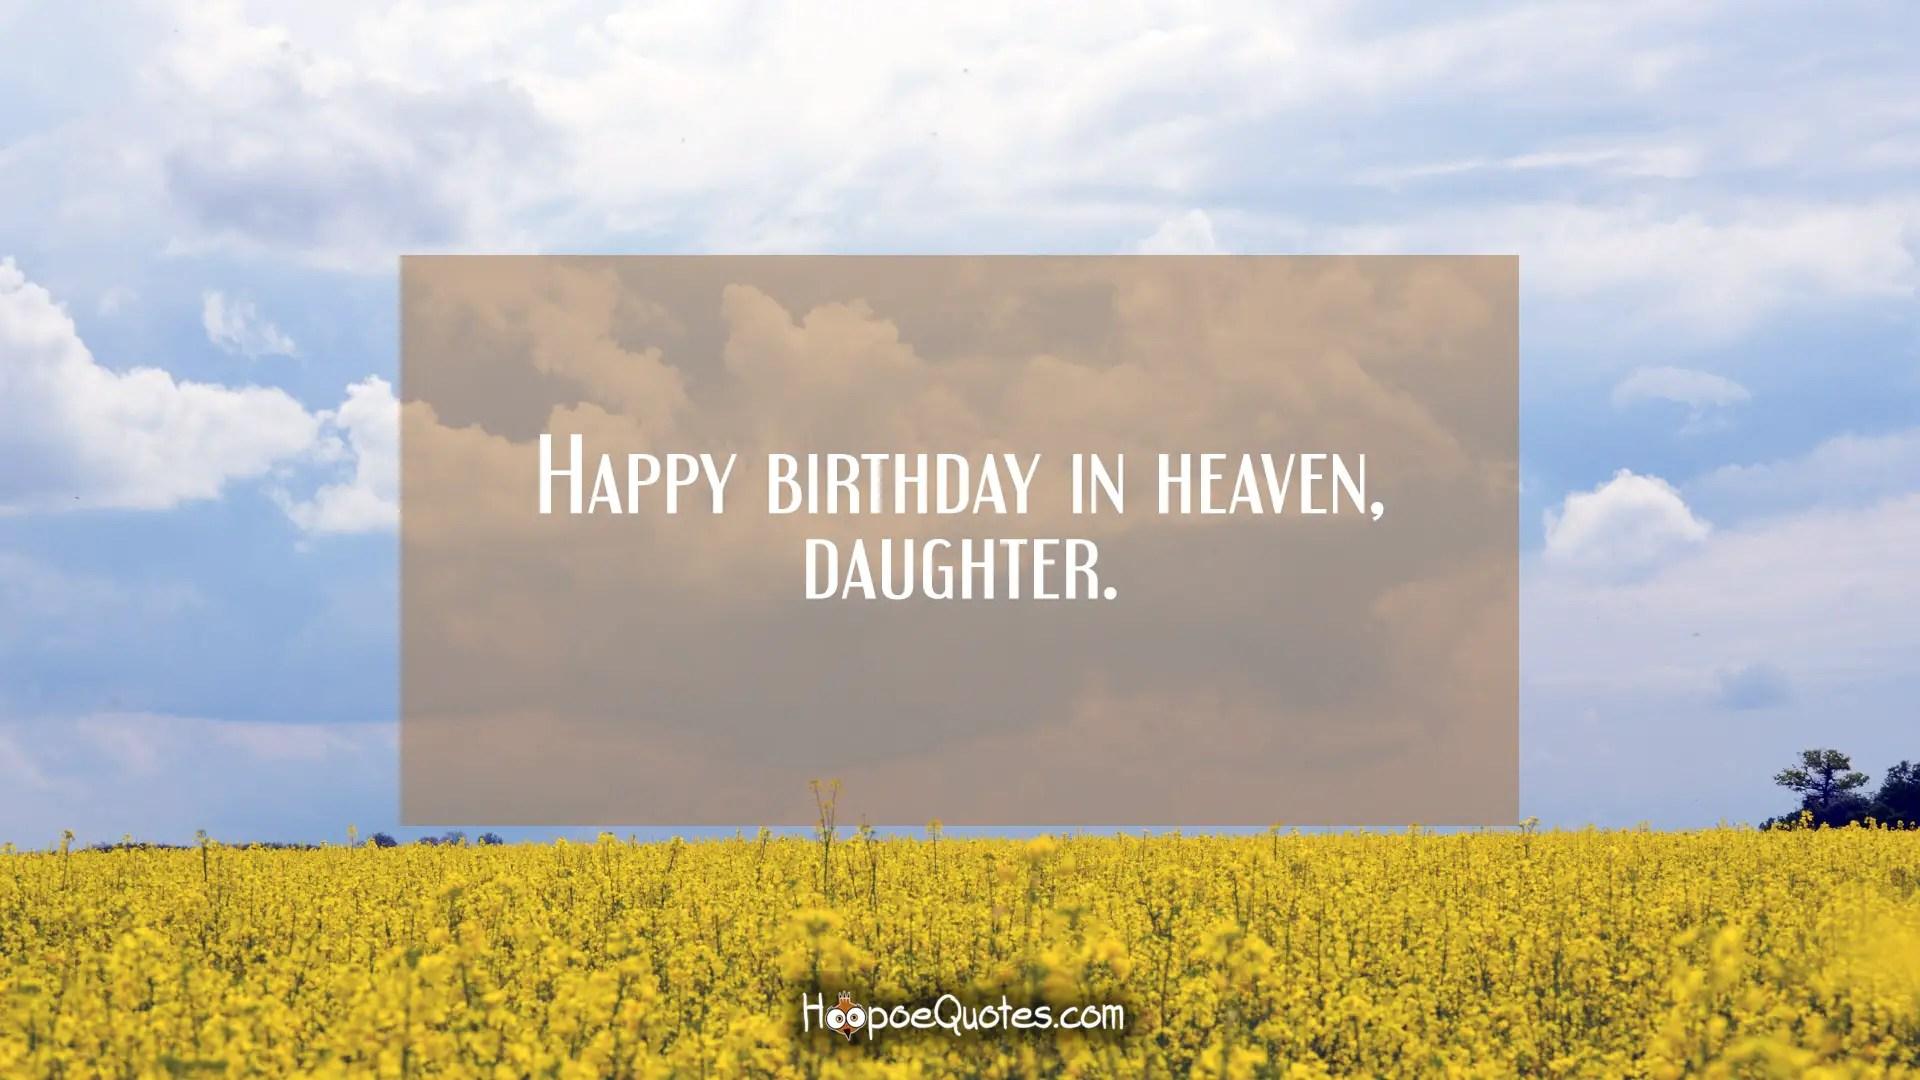 Happy Birthday In Heaven Daughter Hoopoequotes